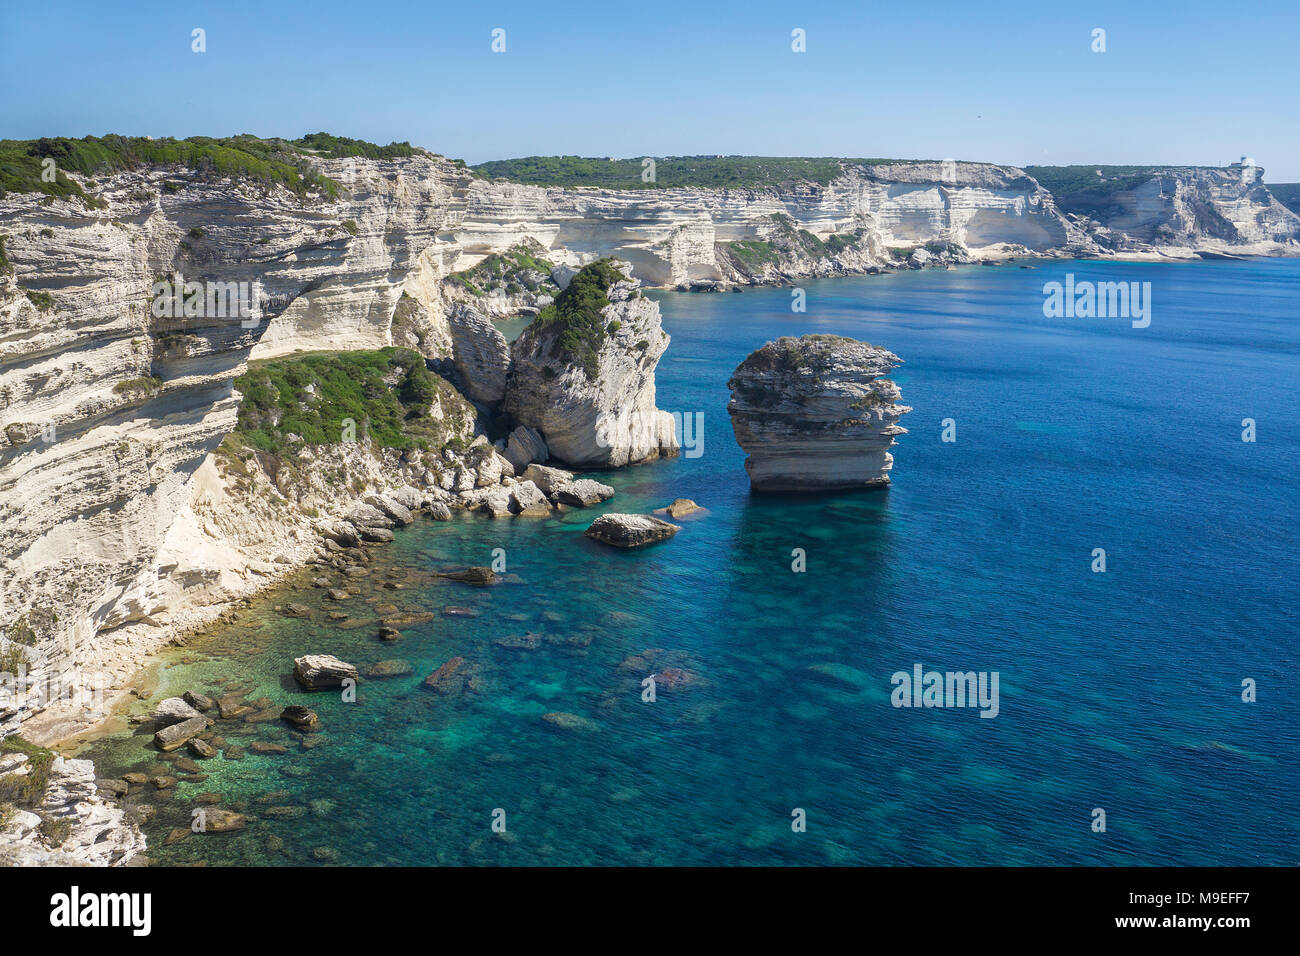 Kalkstein Türme an chalkstone Cliff, Bonifacio, Korsika, Frankreich, Mittelmeer, Europa Stockbild